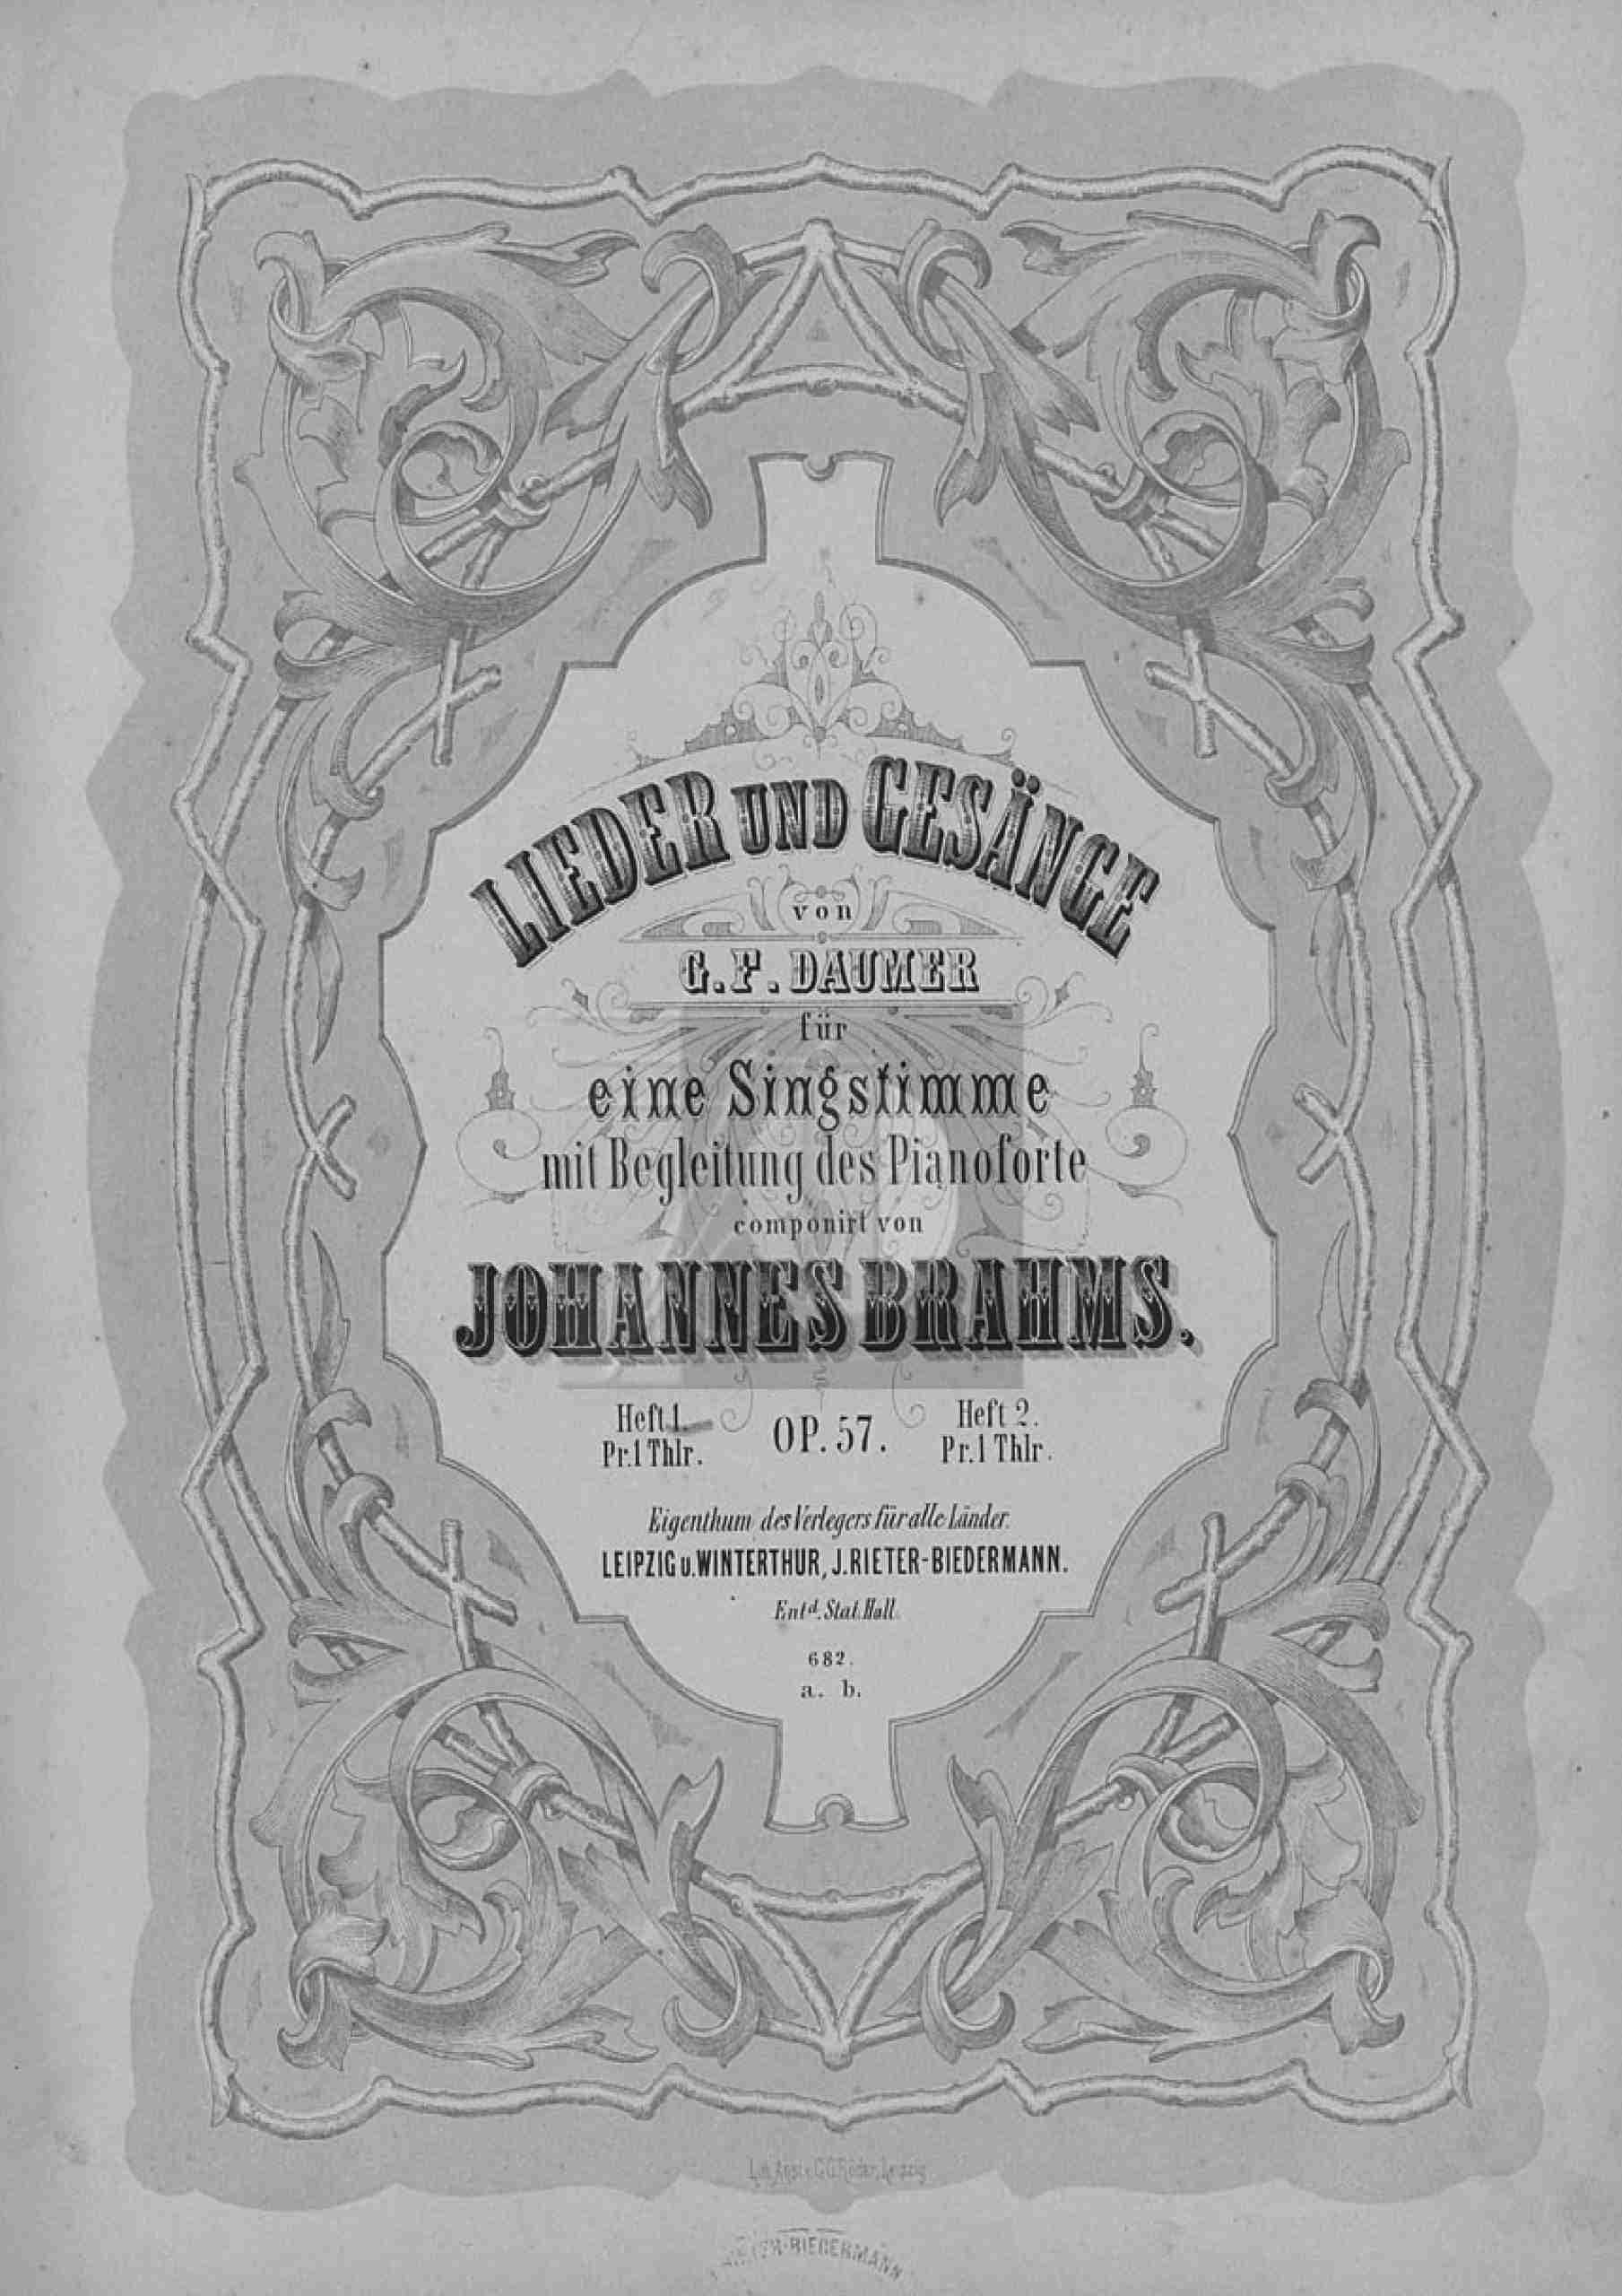 Brahms, Johannes - 8 Lieder and Songs, Op.57